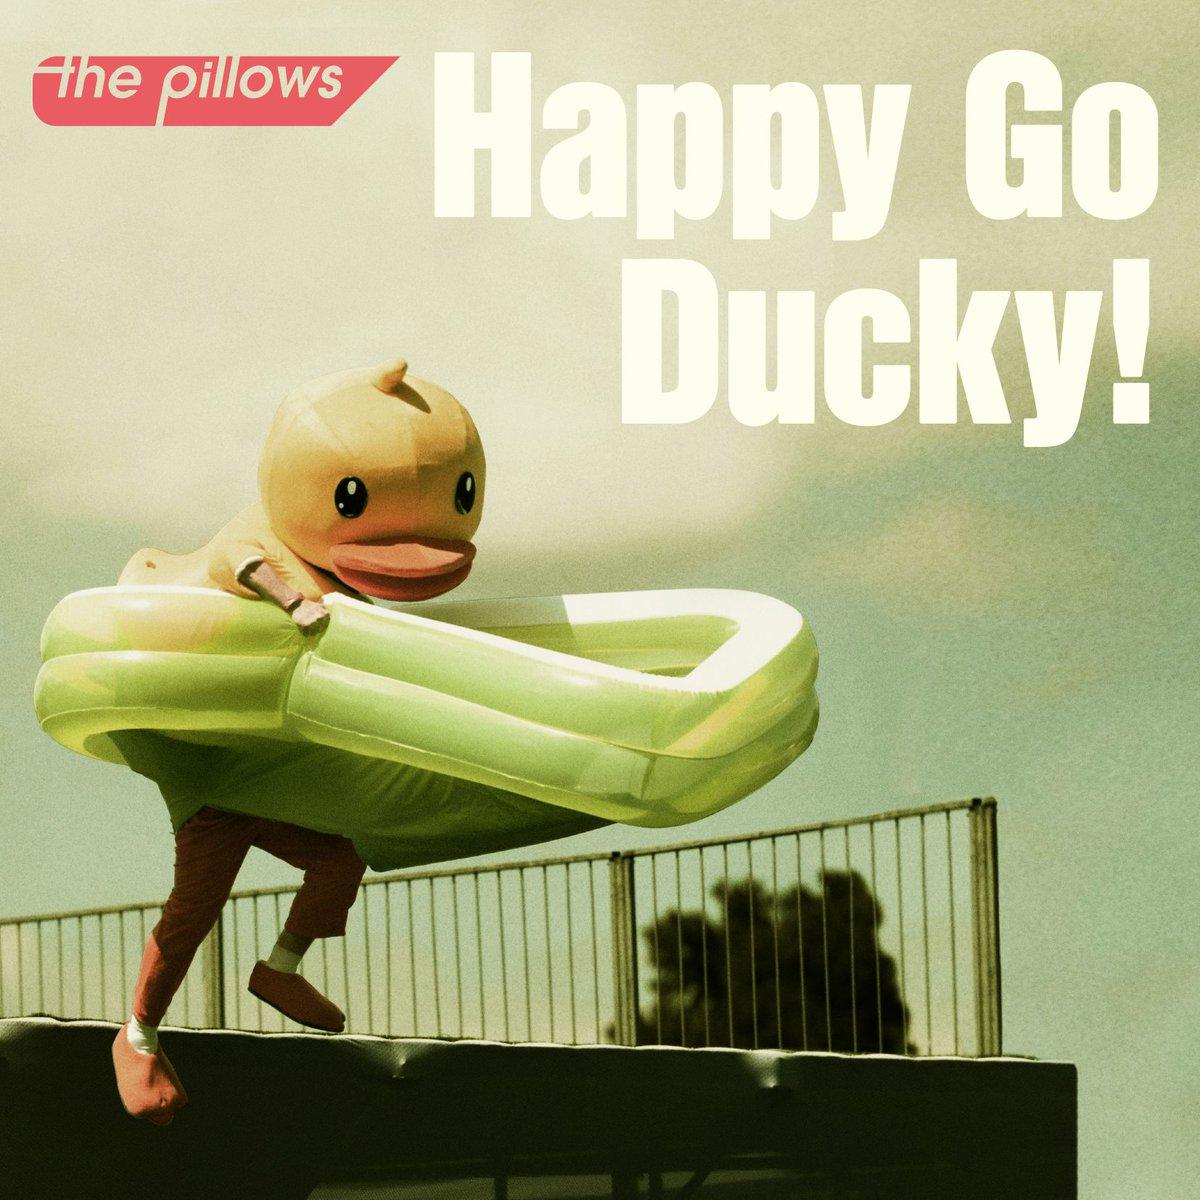 『the pillows - Happy Go Ducky!』収録の『Happy Go Ducky!』ジャケット